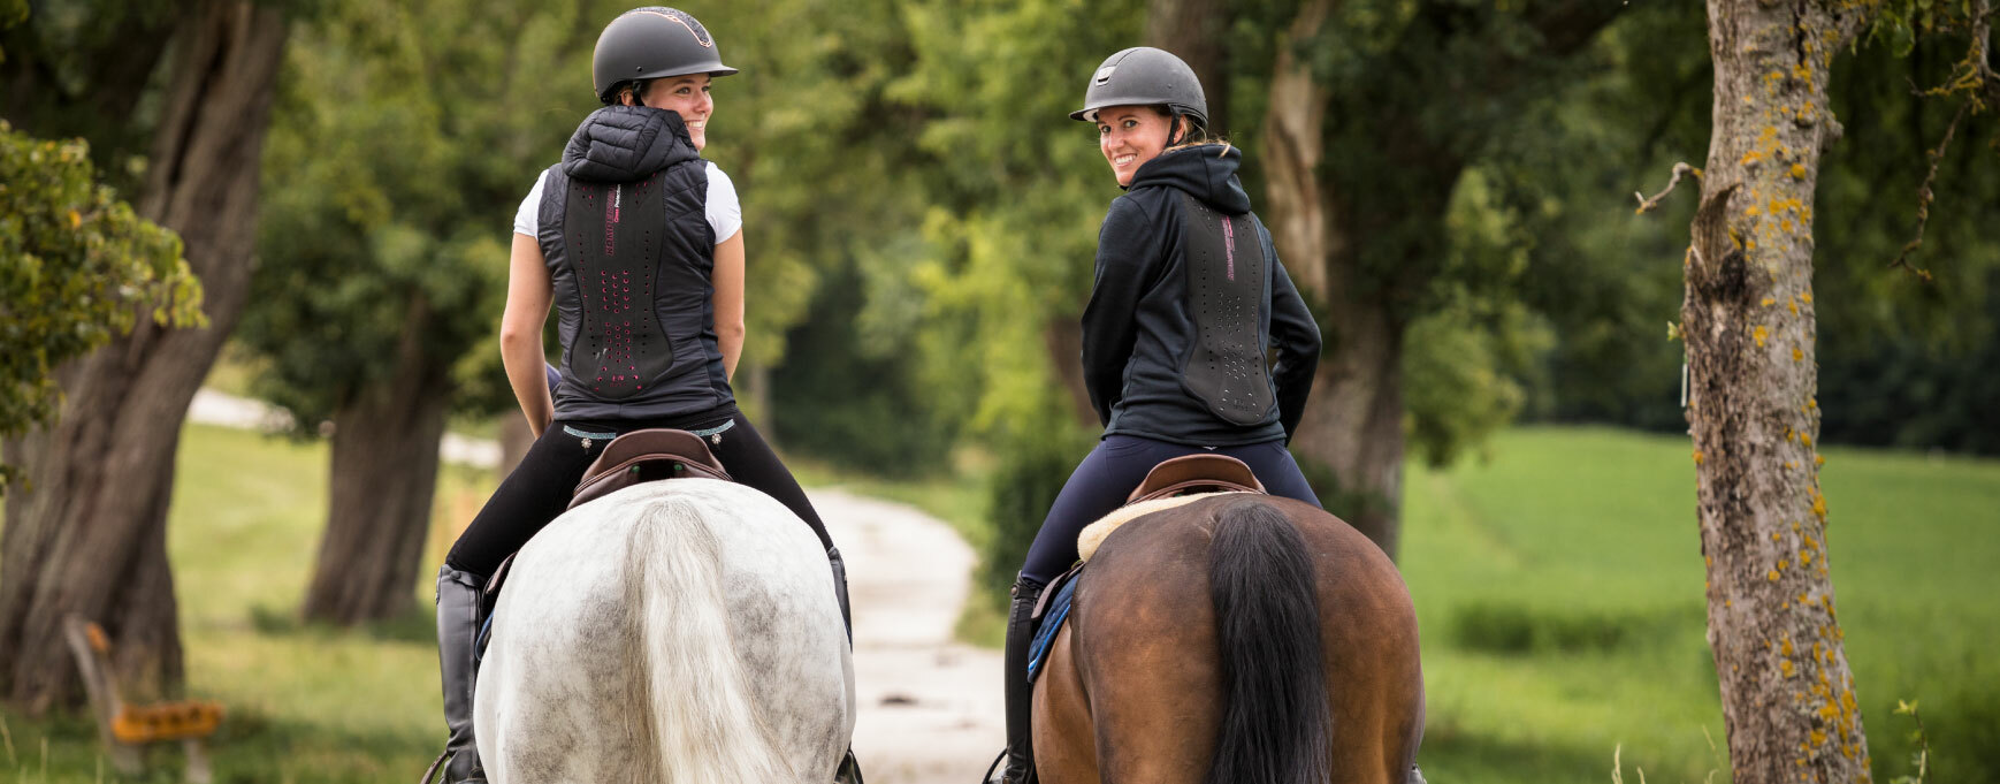 Komperdell equestrian sport